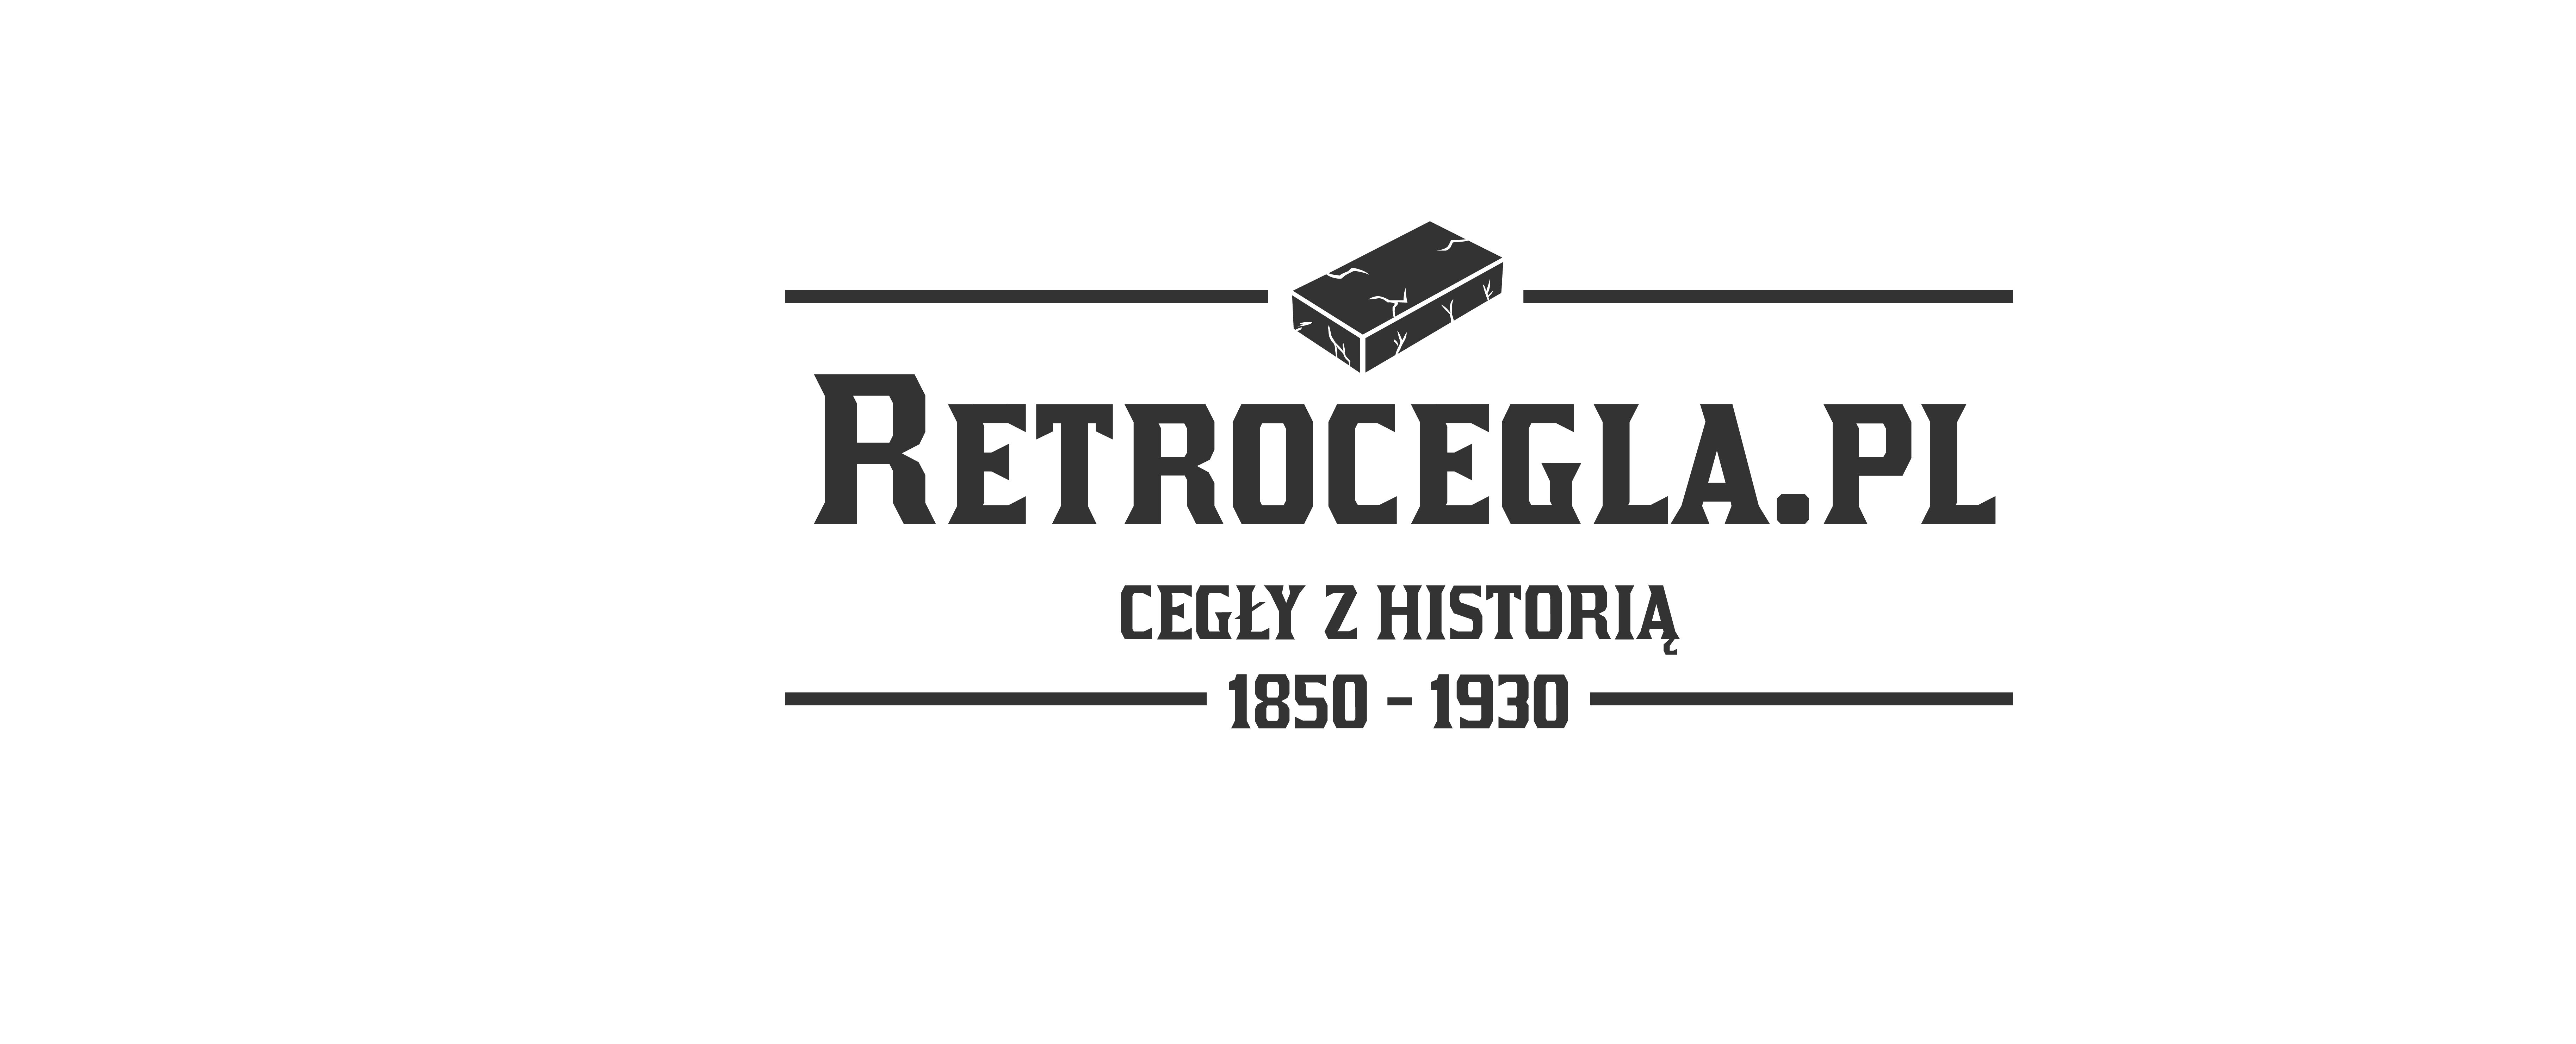 Emisja akcji <br>Retro S.A.